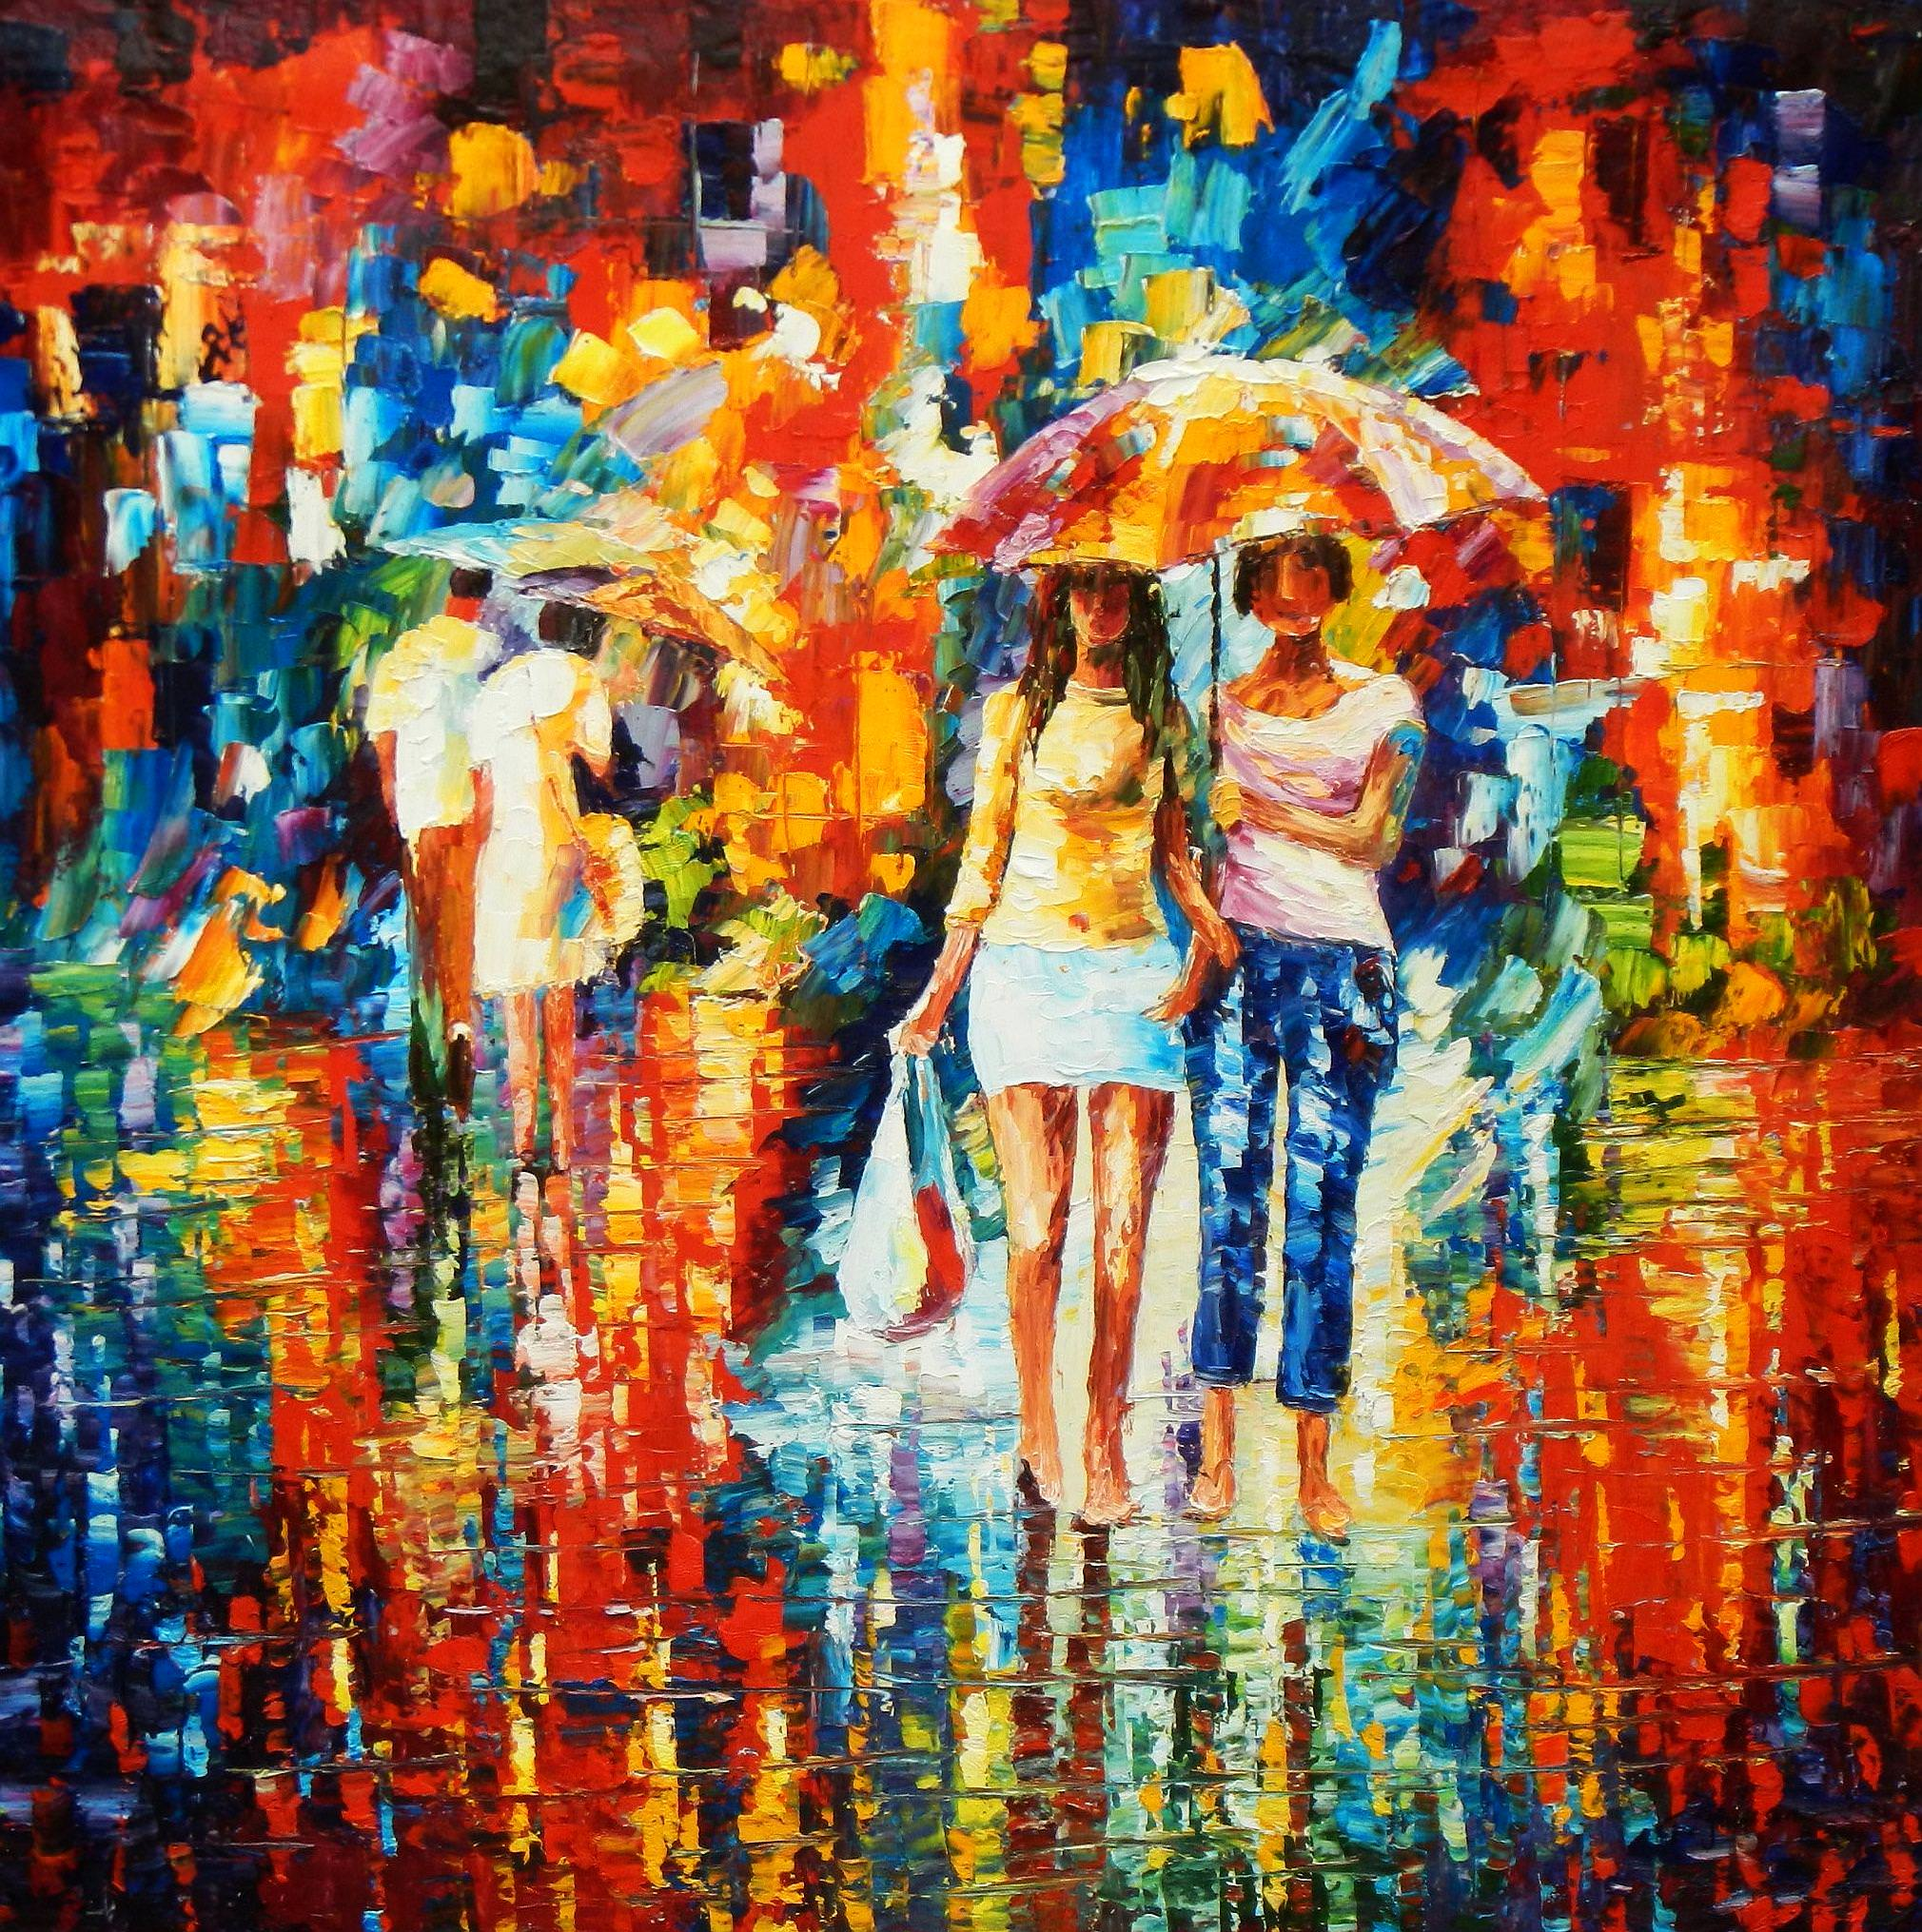 Modern Art - Umbrella walk m93566 120x120cm modernes Ölgemälde